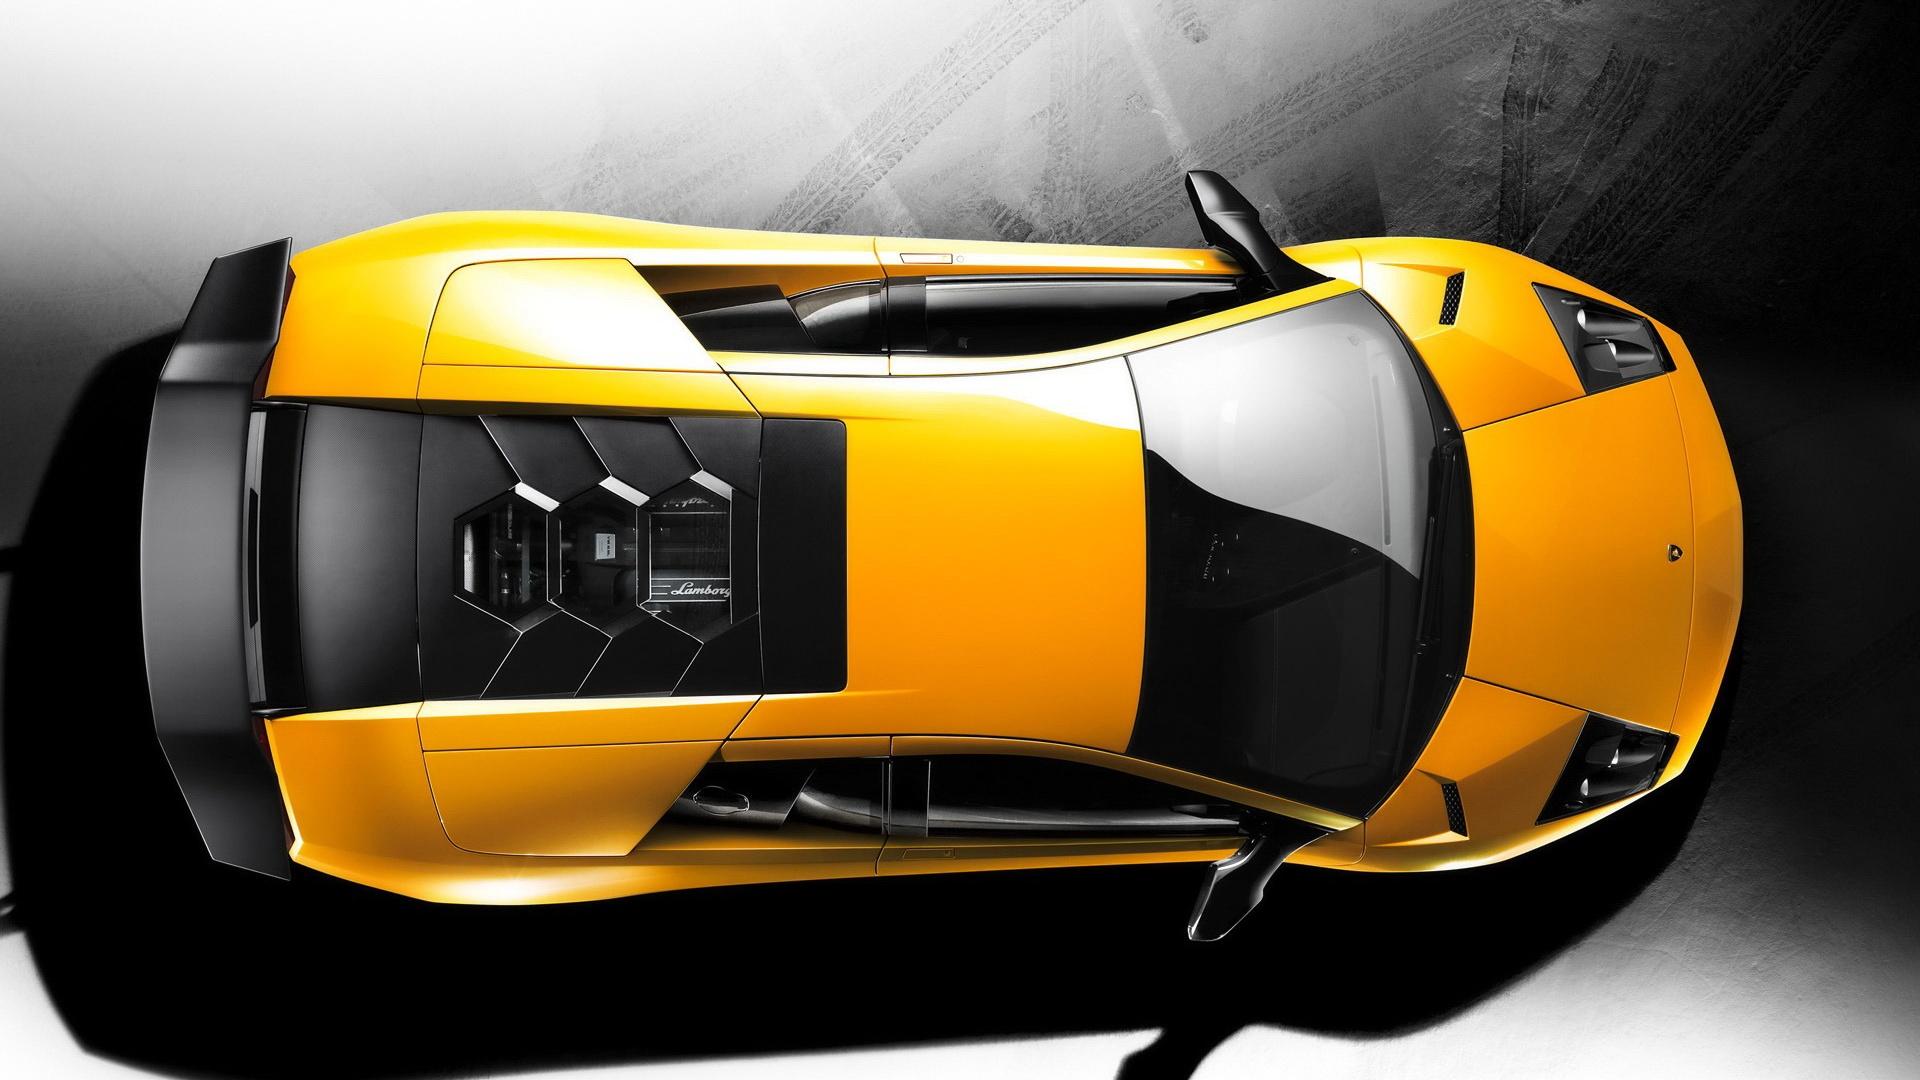 Fond d'ecran Lamborghini vue du dessus - Wallpaper